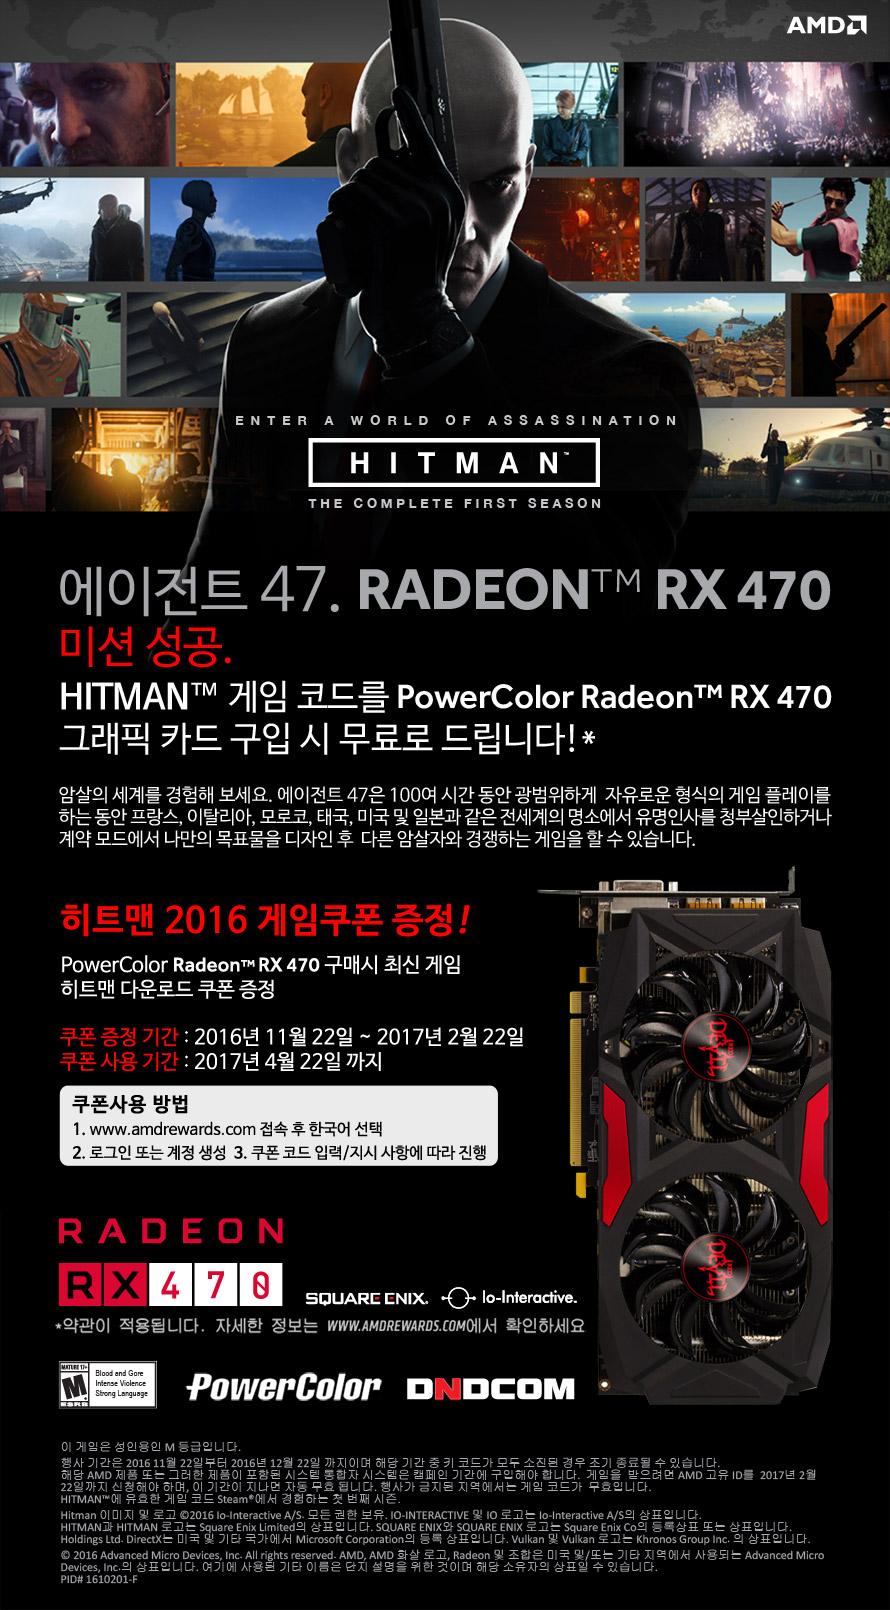 RX470_Hitman_890.jpg